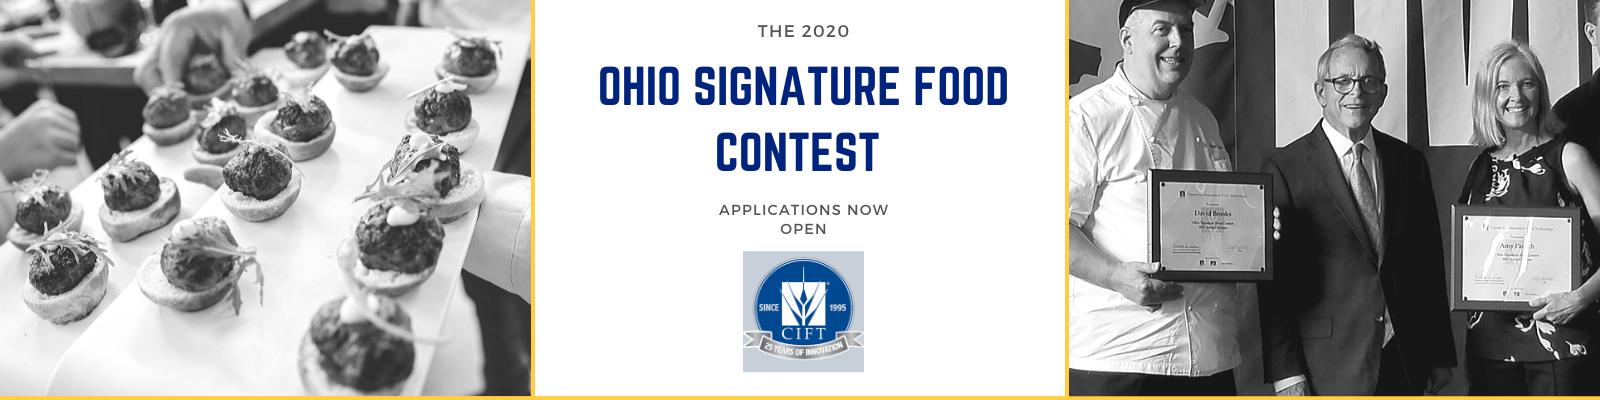 Ohio Signature Food Contest